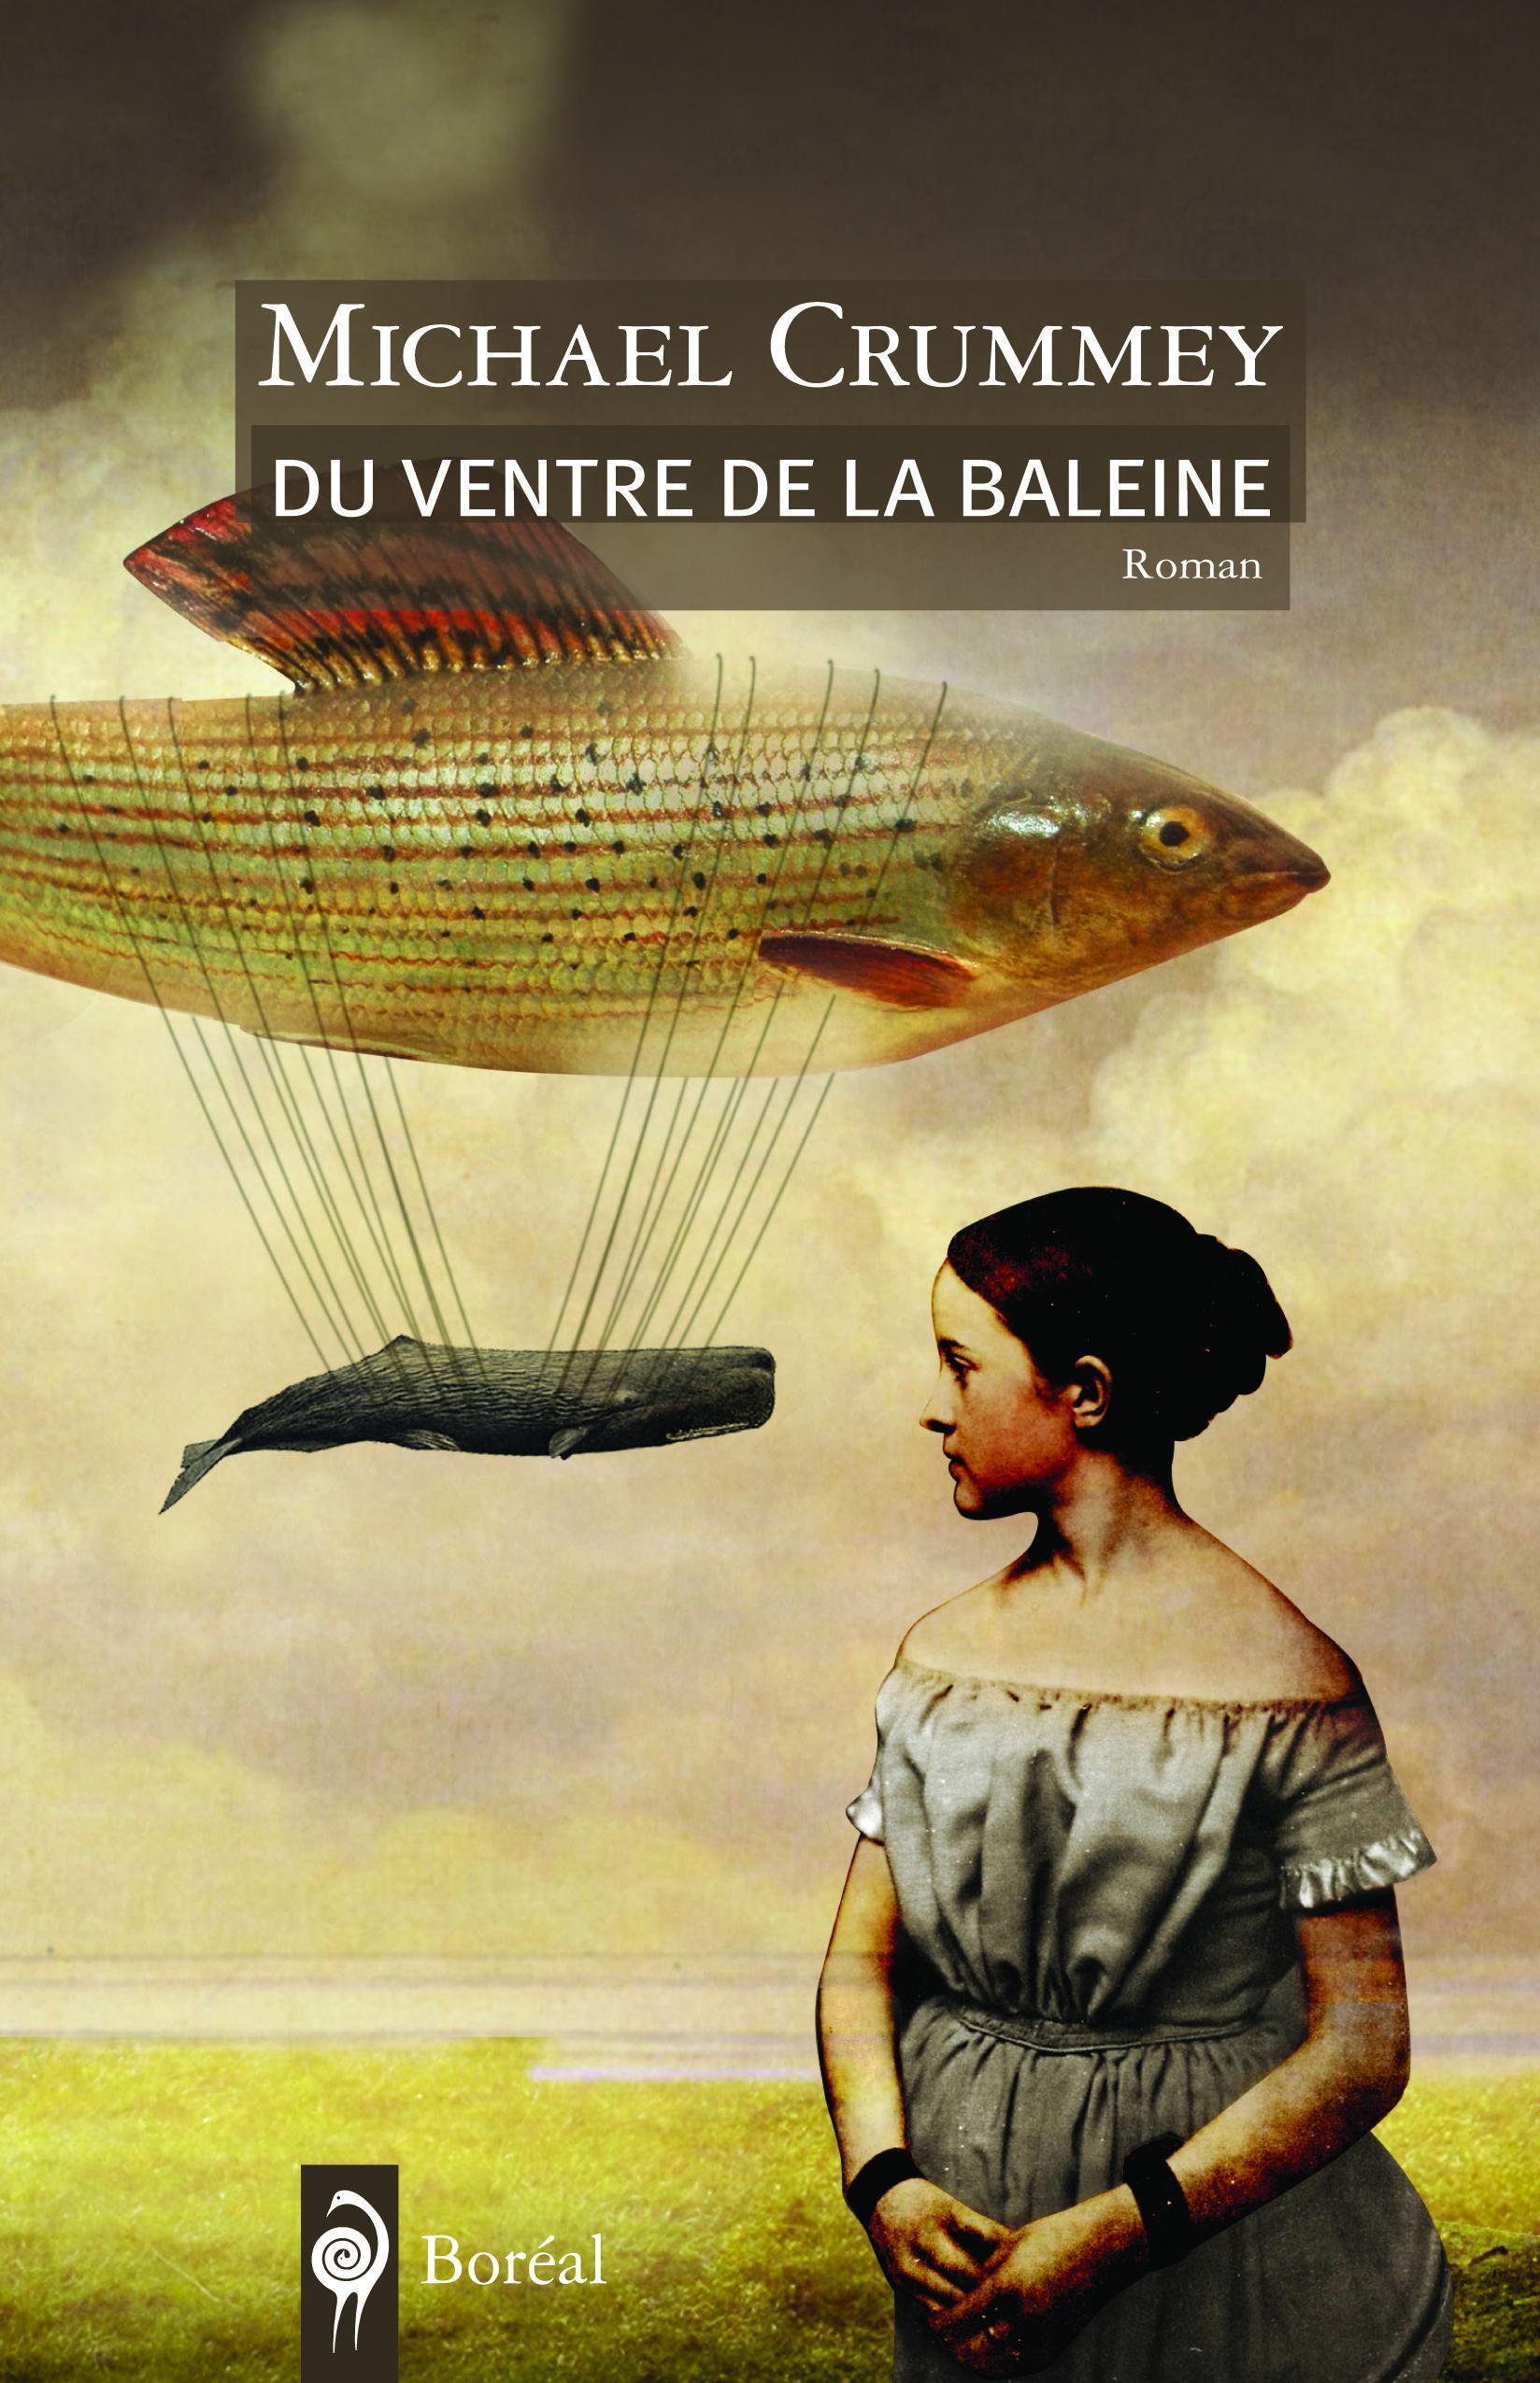 DU VENTRE DE LA BALEINE